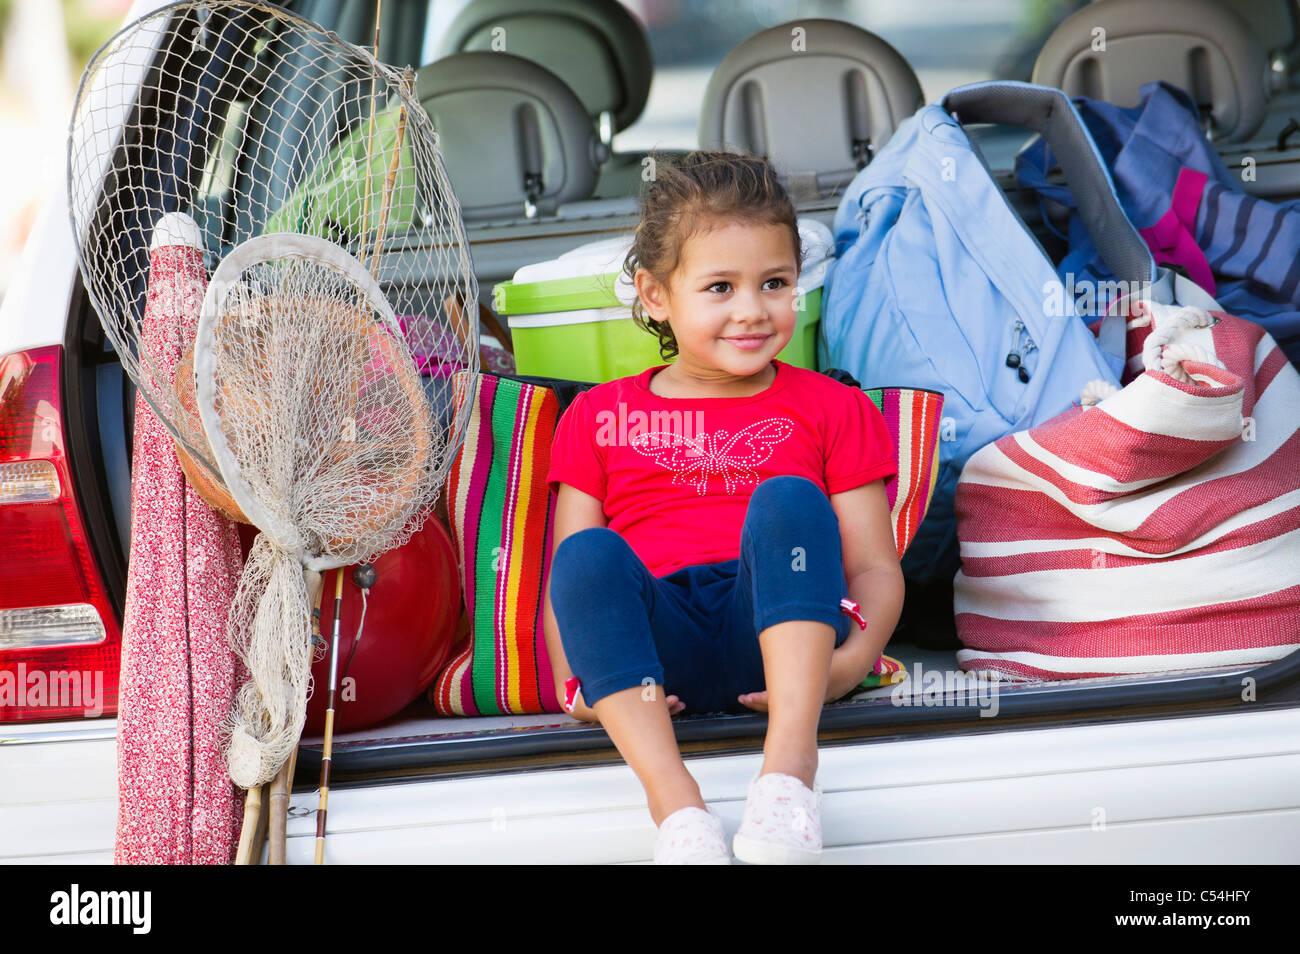 Niedliche kleine Mädchen sitzen im Kofferraum eines Autos Stockfoto